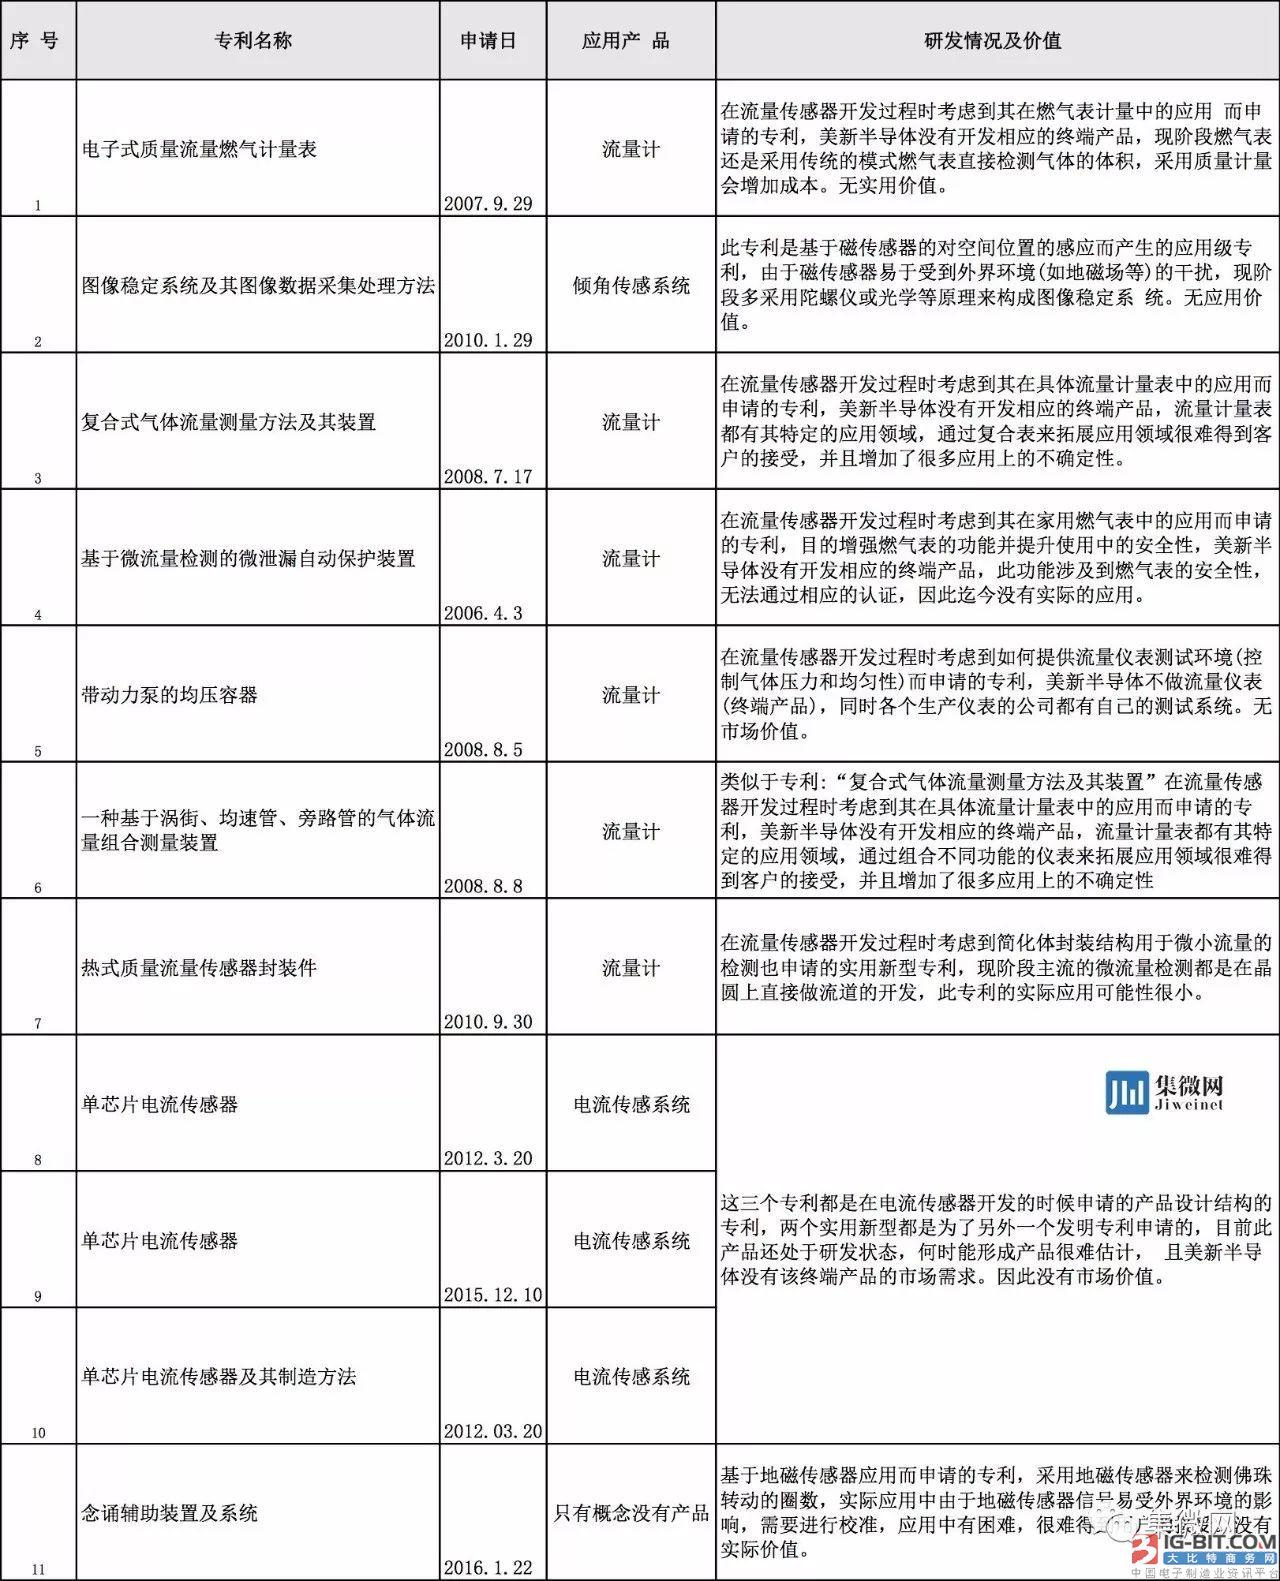 华灿光电1.87亿元收购美新半导体百分百股权